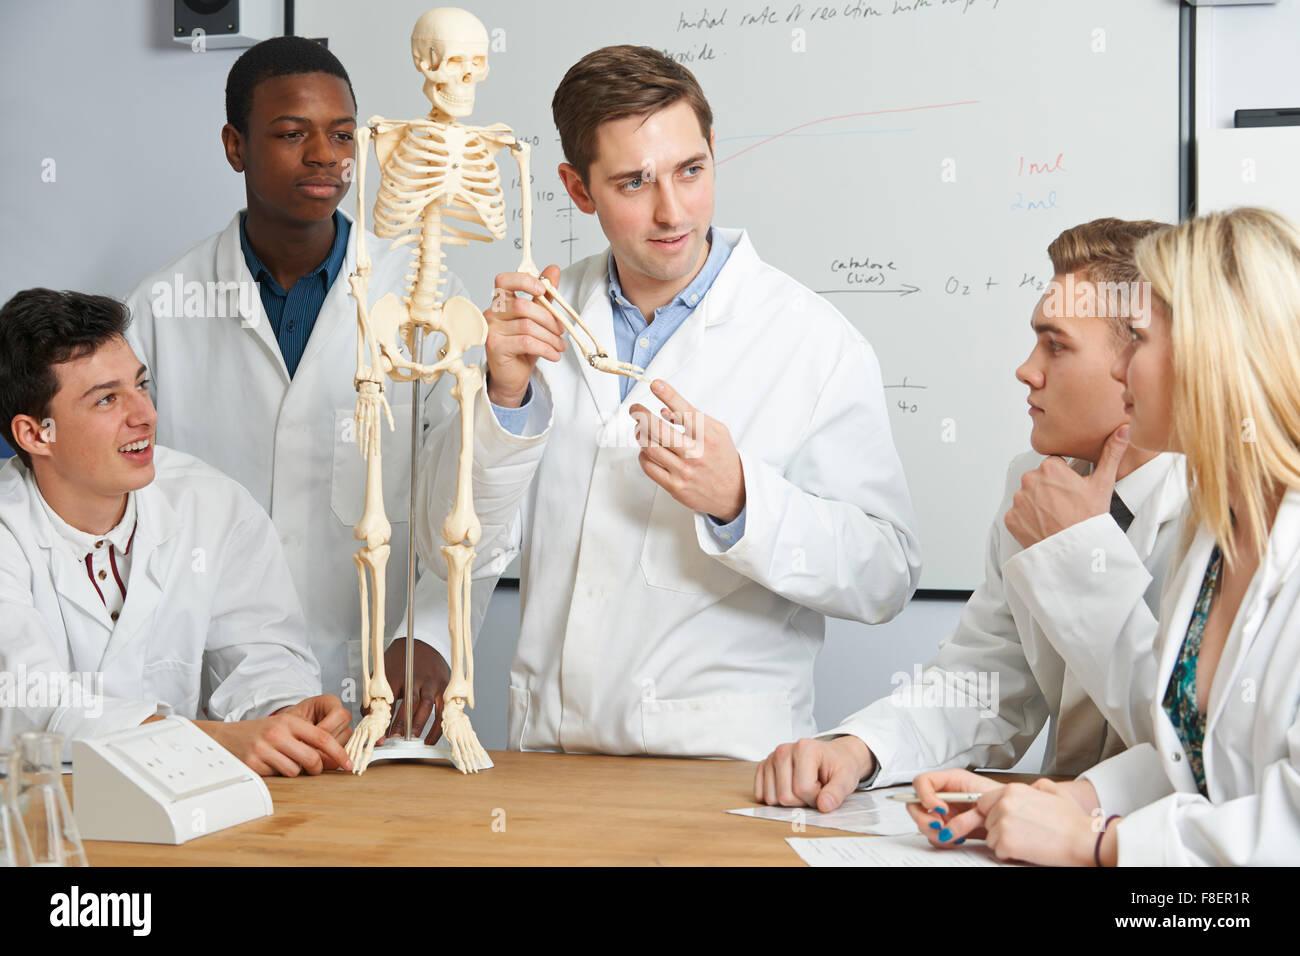 Lehrer mit Modell des menschlichen Skeletts im Biologieunterricht Stockbild